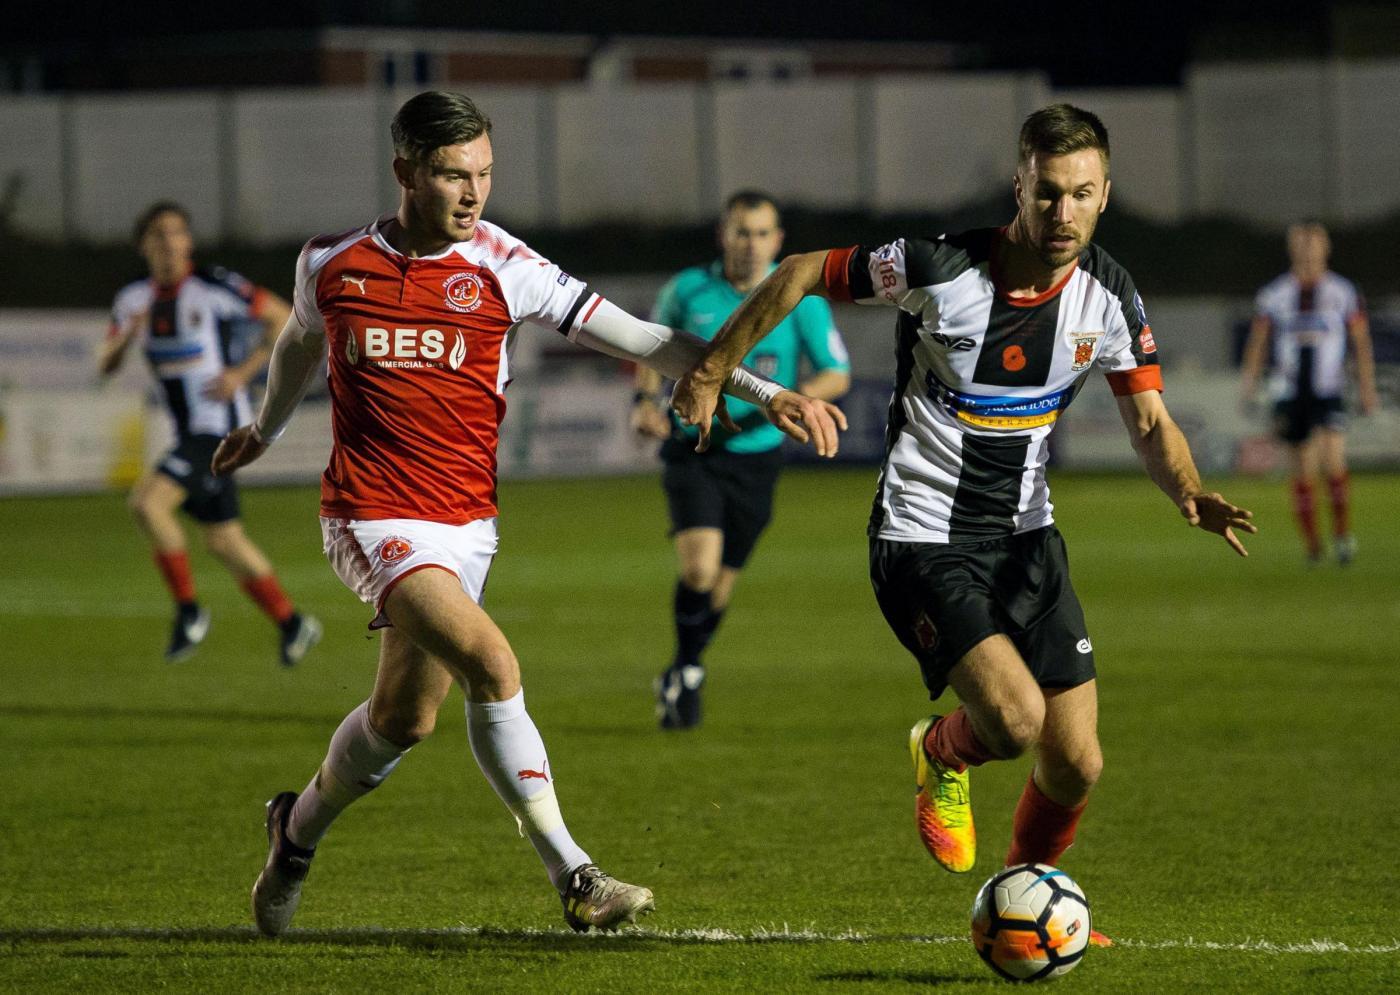 Inghilterra NPL Premier Division, Witton-Stafford 19 marzo: sogno play off per i locali